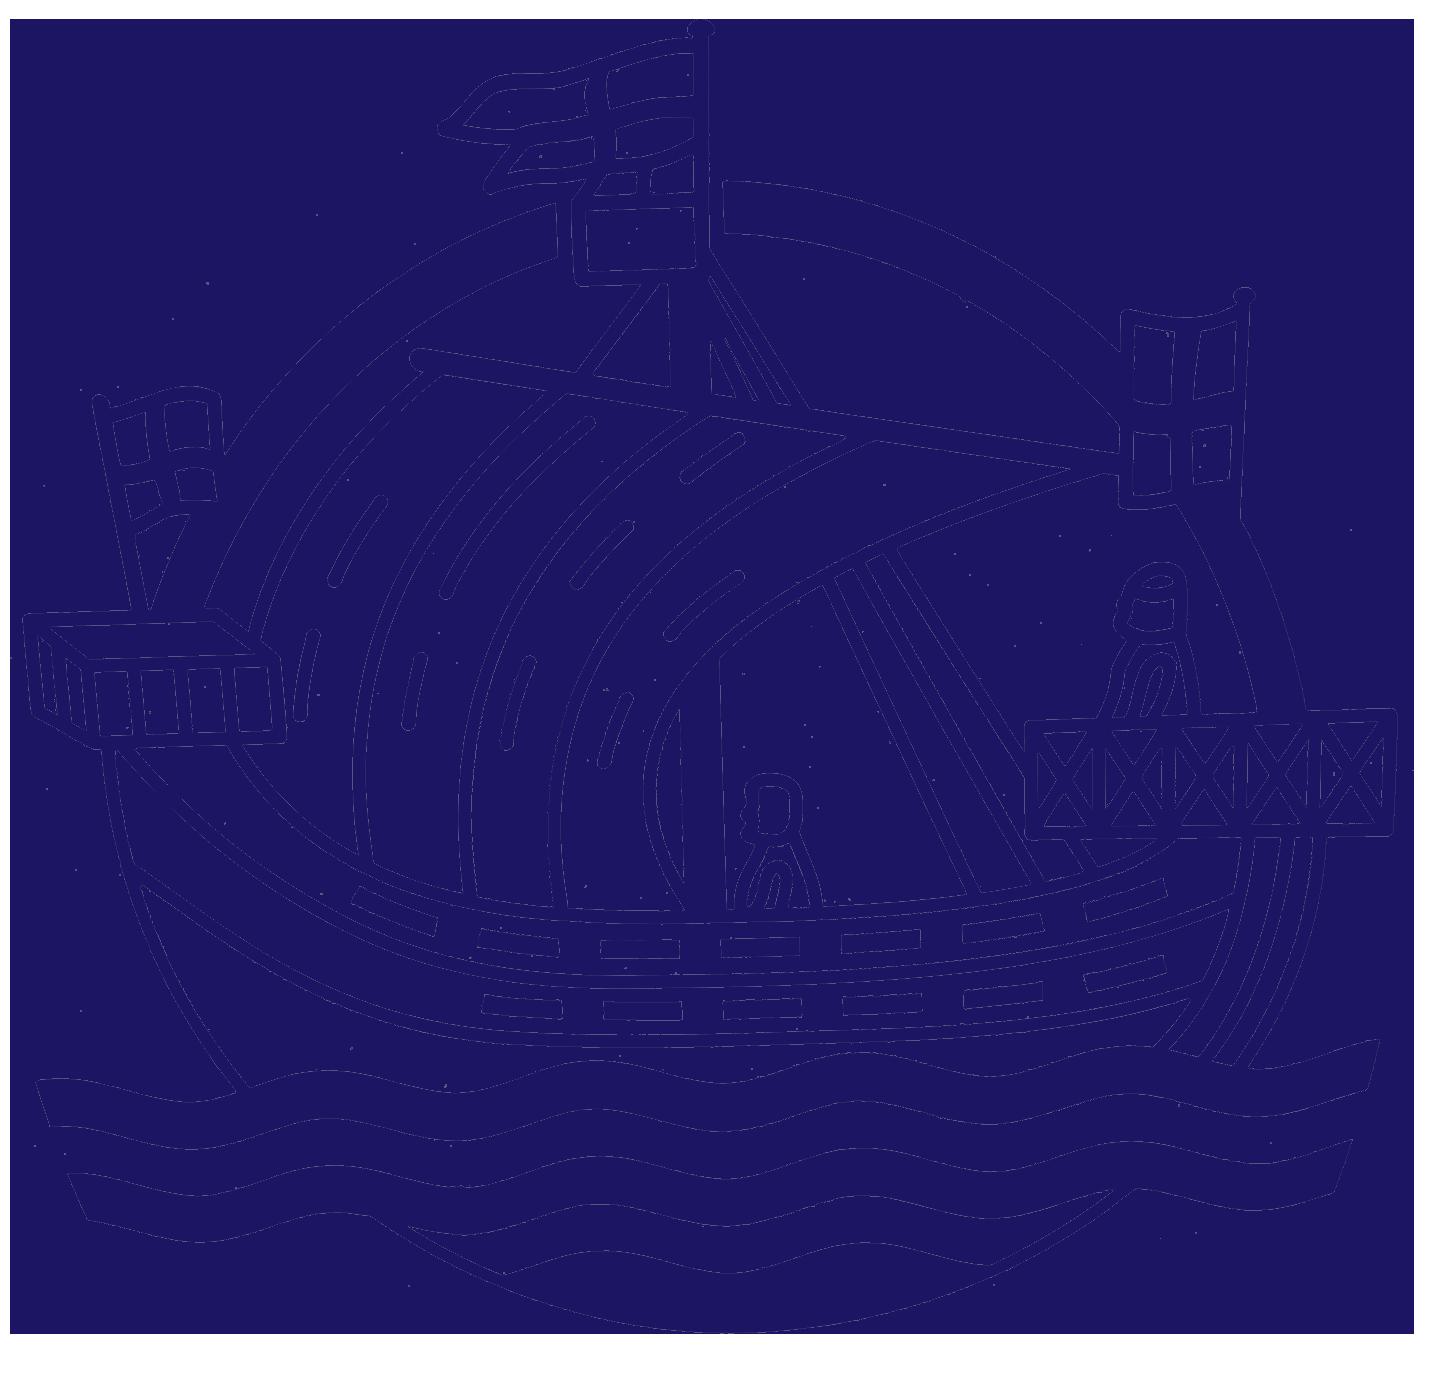 rye hospital boat logo